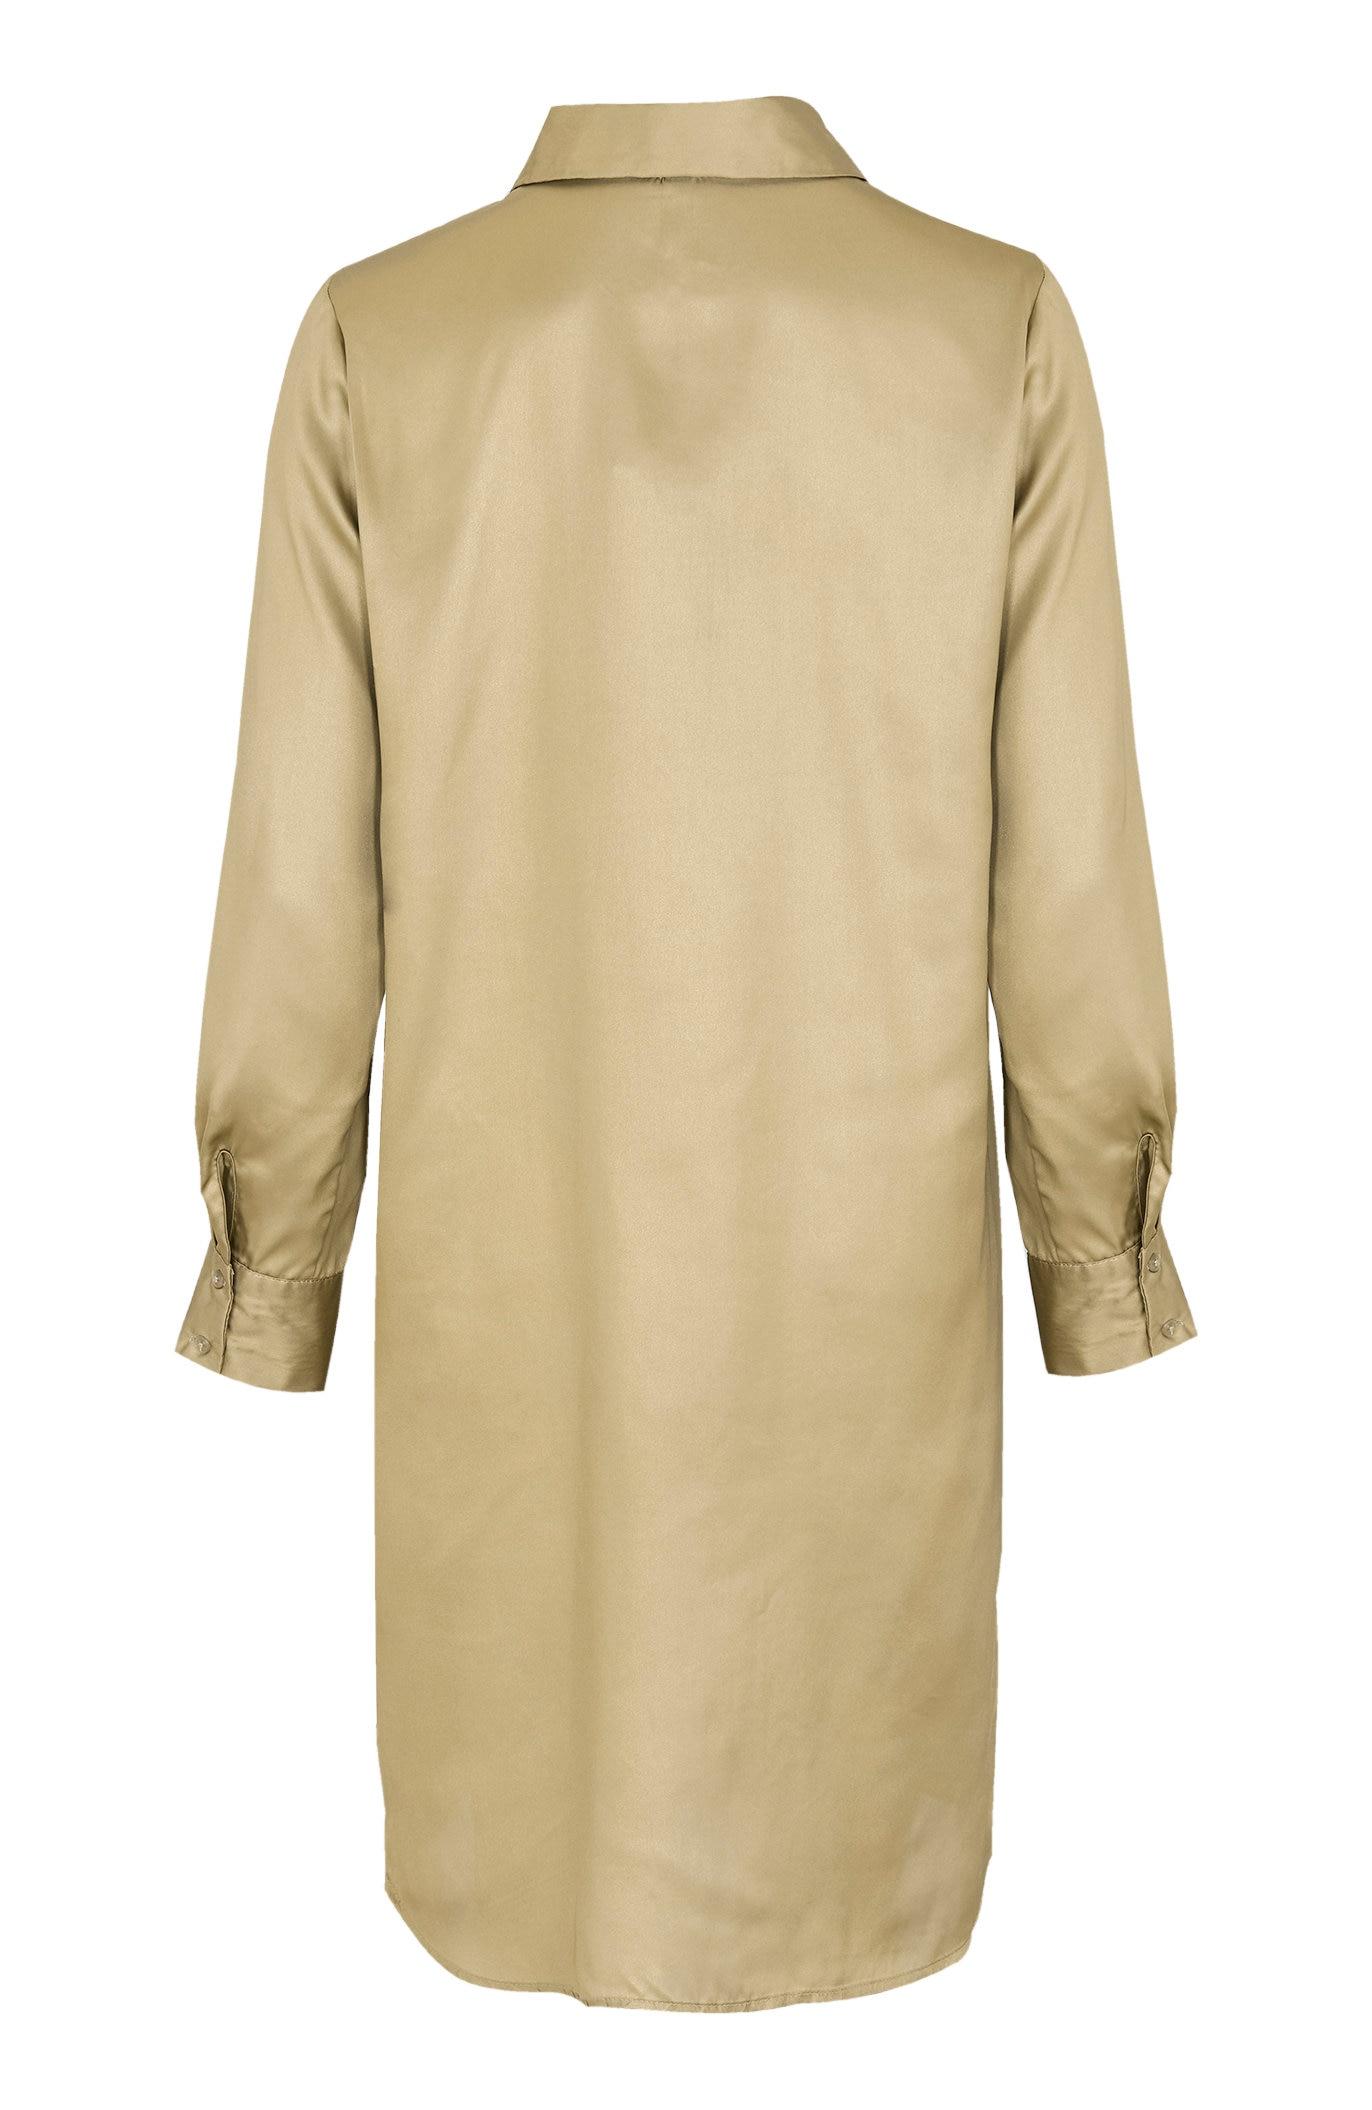 Gullfarget langskjorte Candie